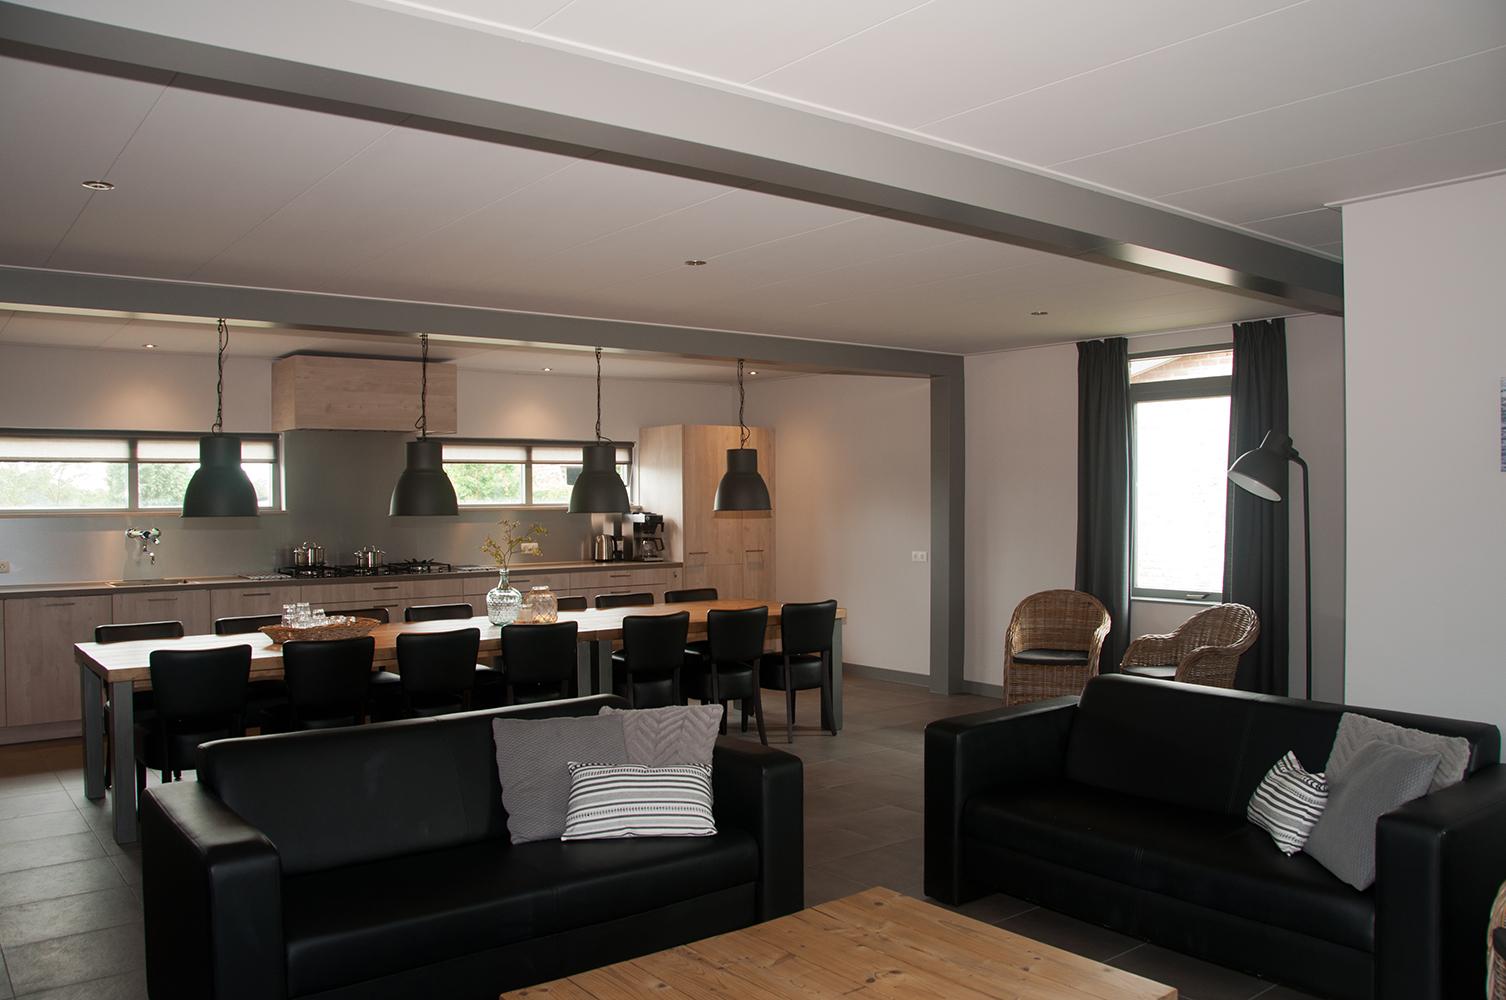 2017-Zilvermeeuw-woonkamer-keuken - Stee aan zee